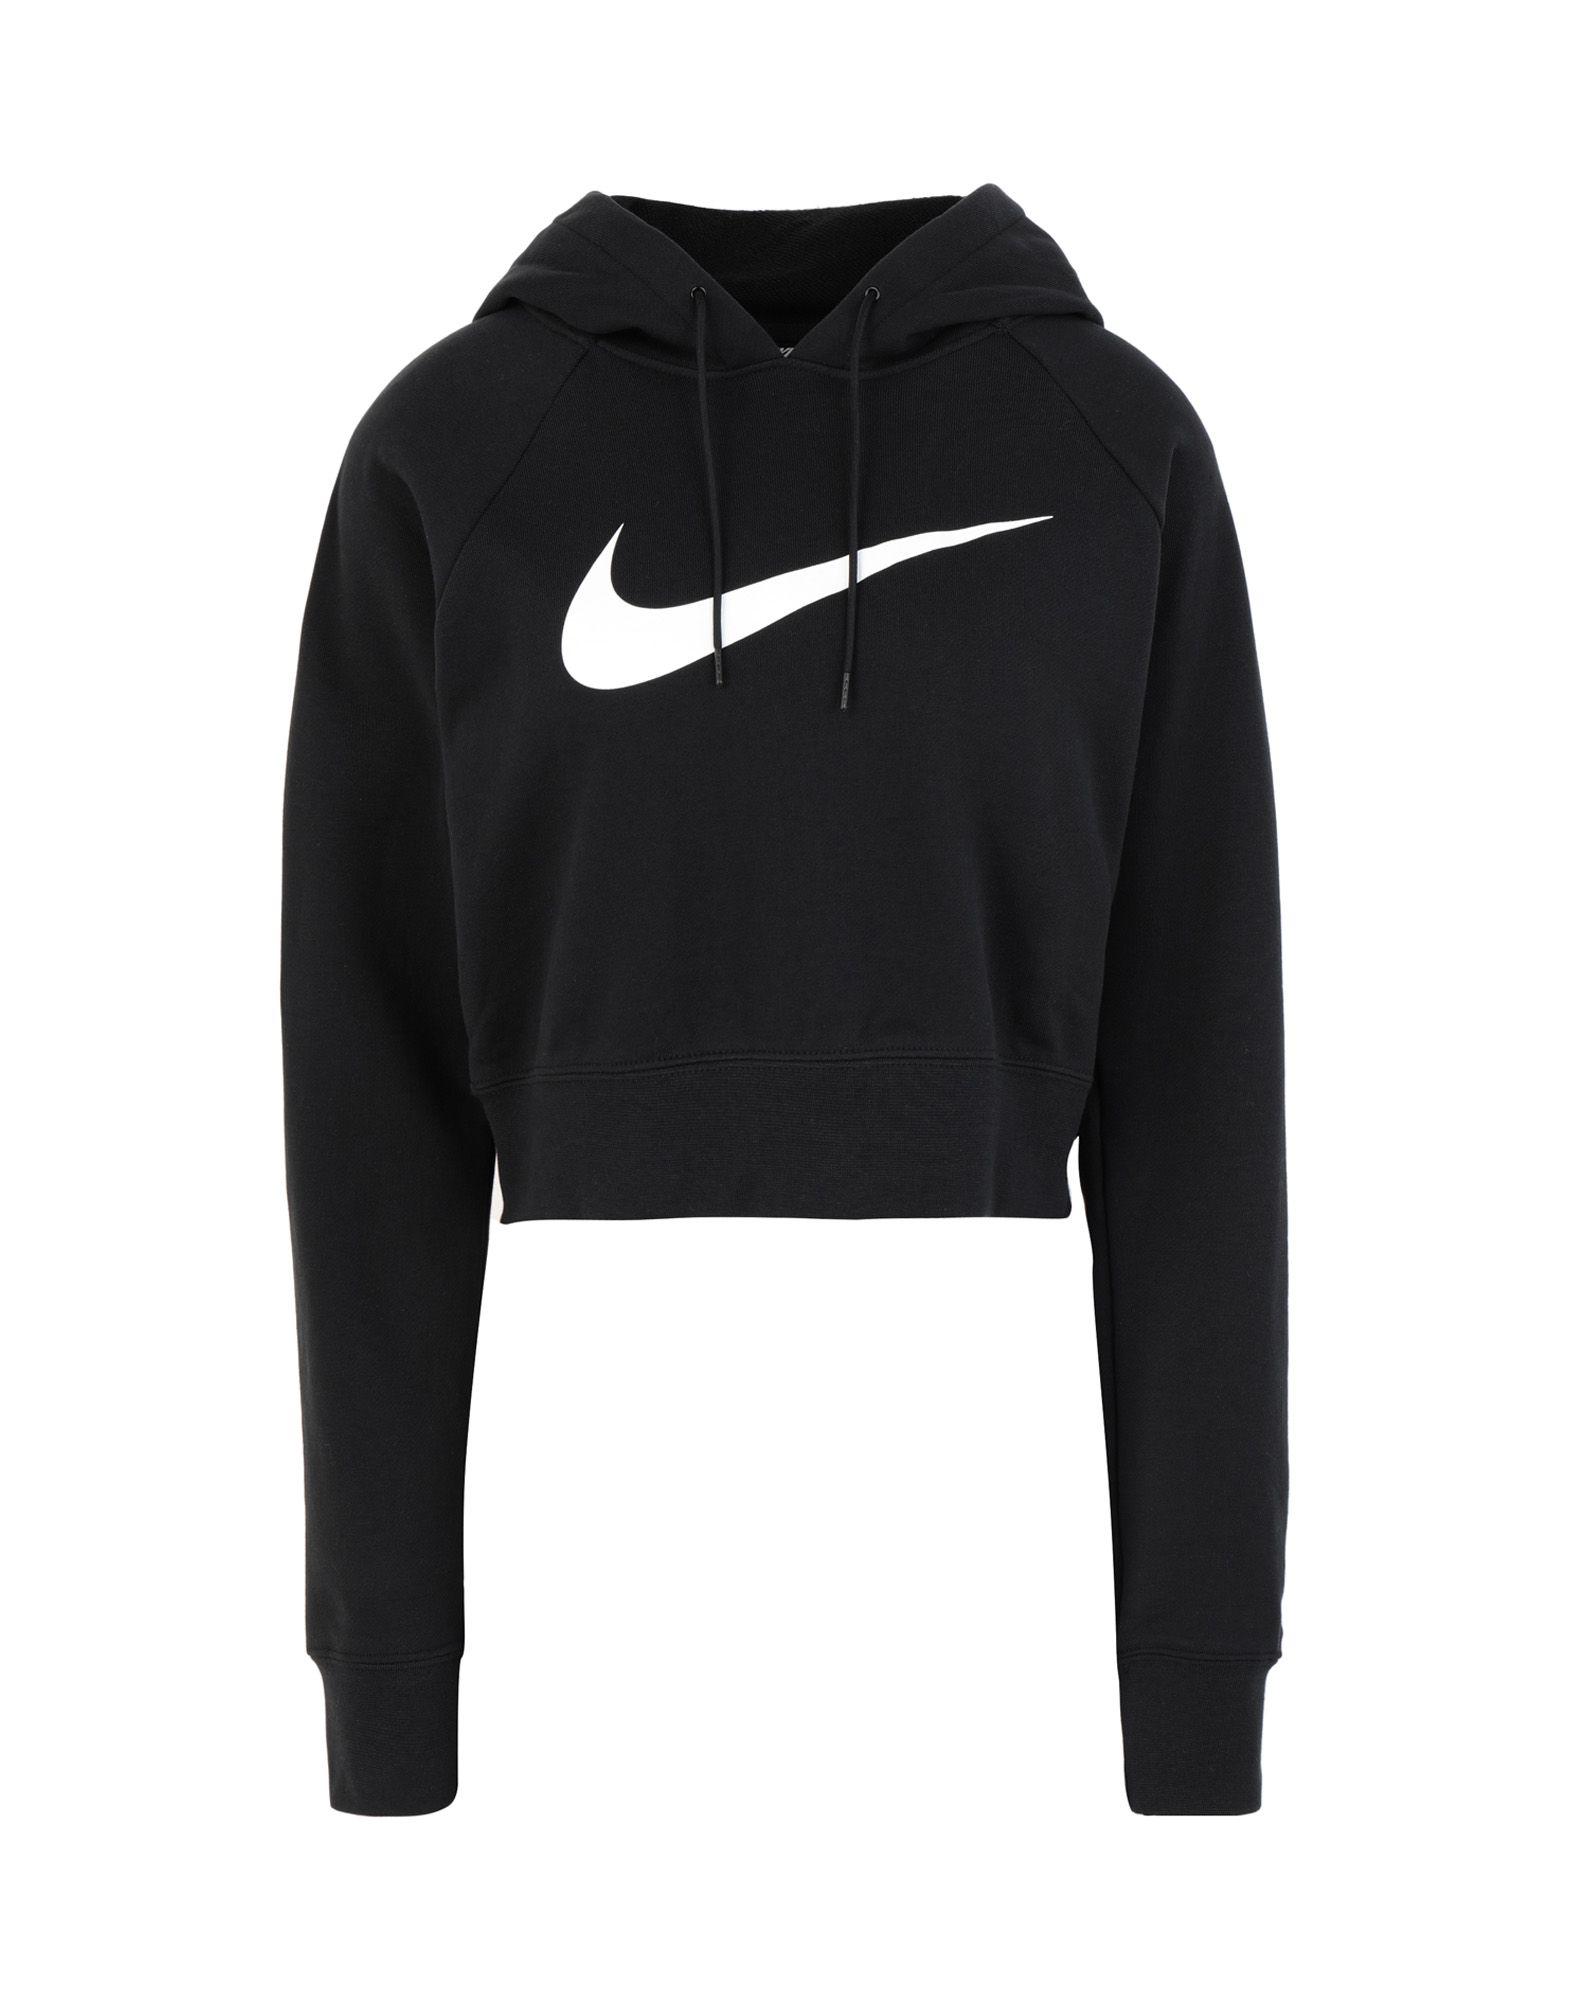 673643b0c6a3 Felpe Nike Donna Collezione Primavera-Estate e Autunno-Inverno, tante  promozioni online su YOOX